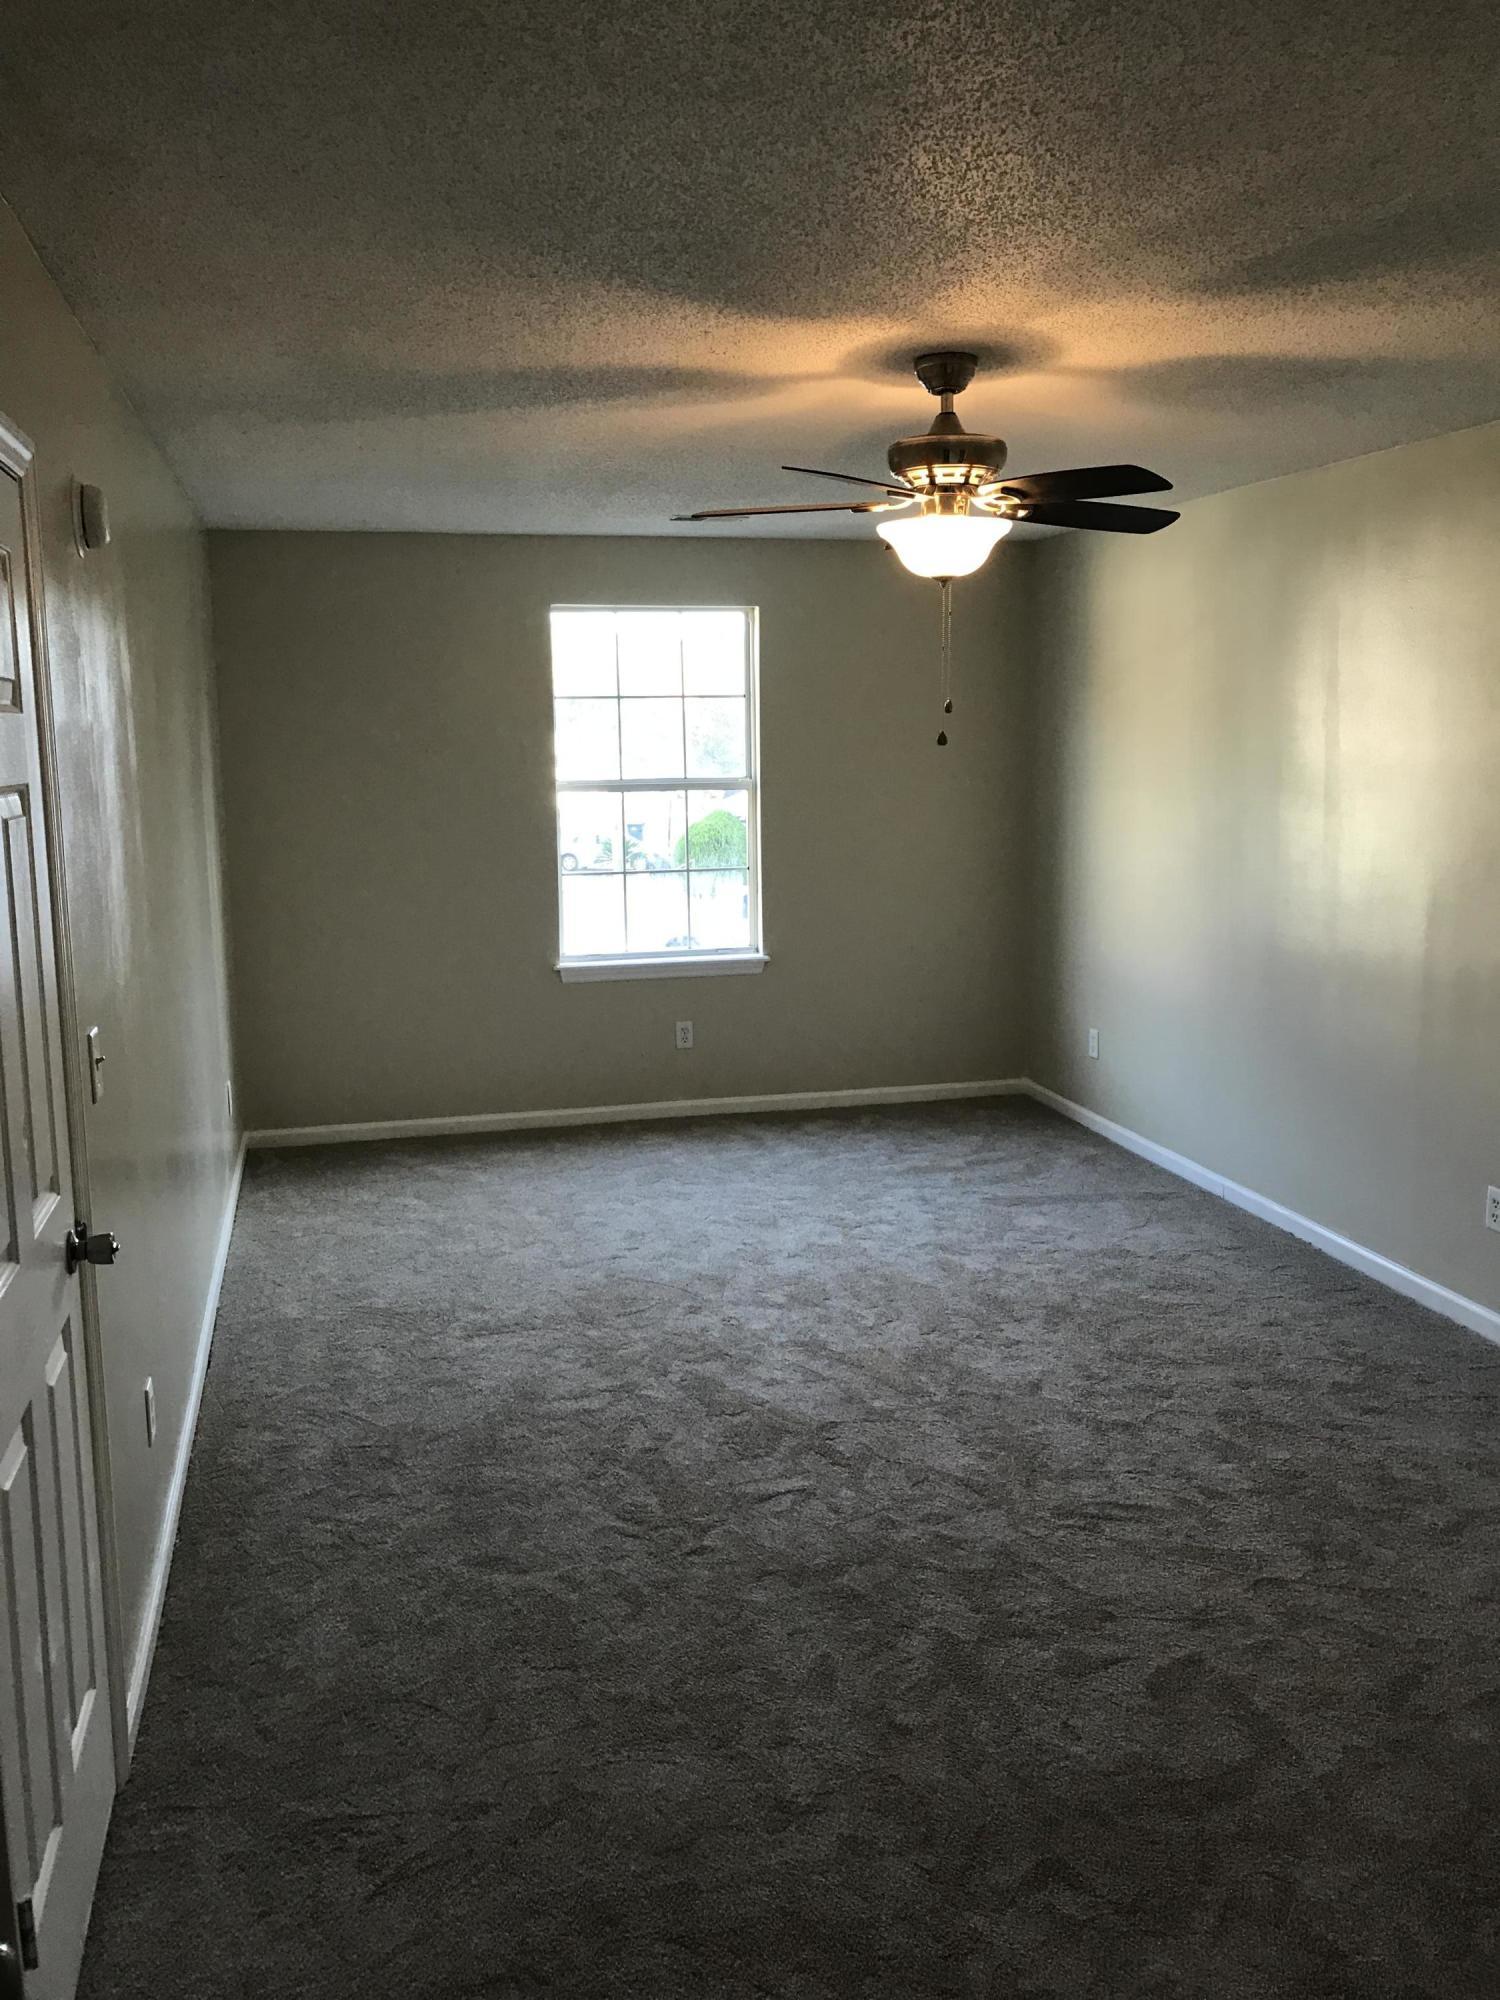 Woodlands Homes For Sale - 9 Woodleaf, Charleston, SC - 8